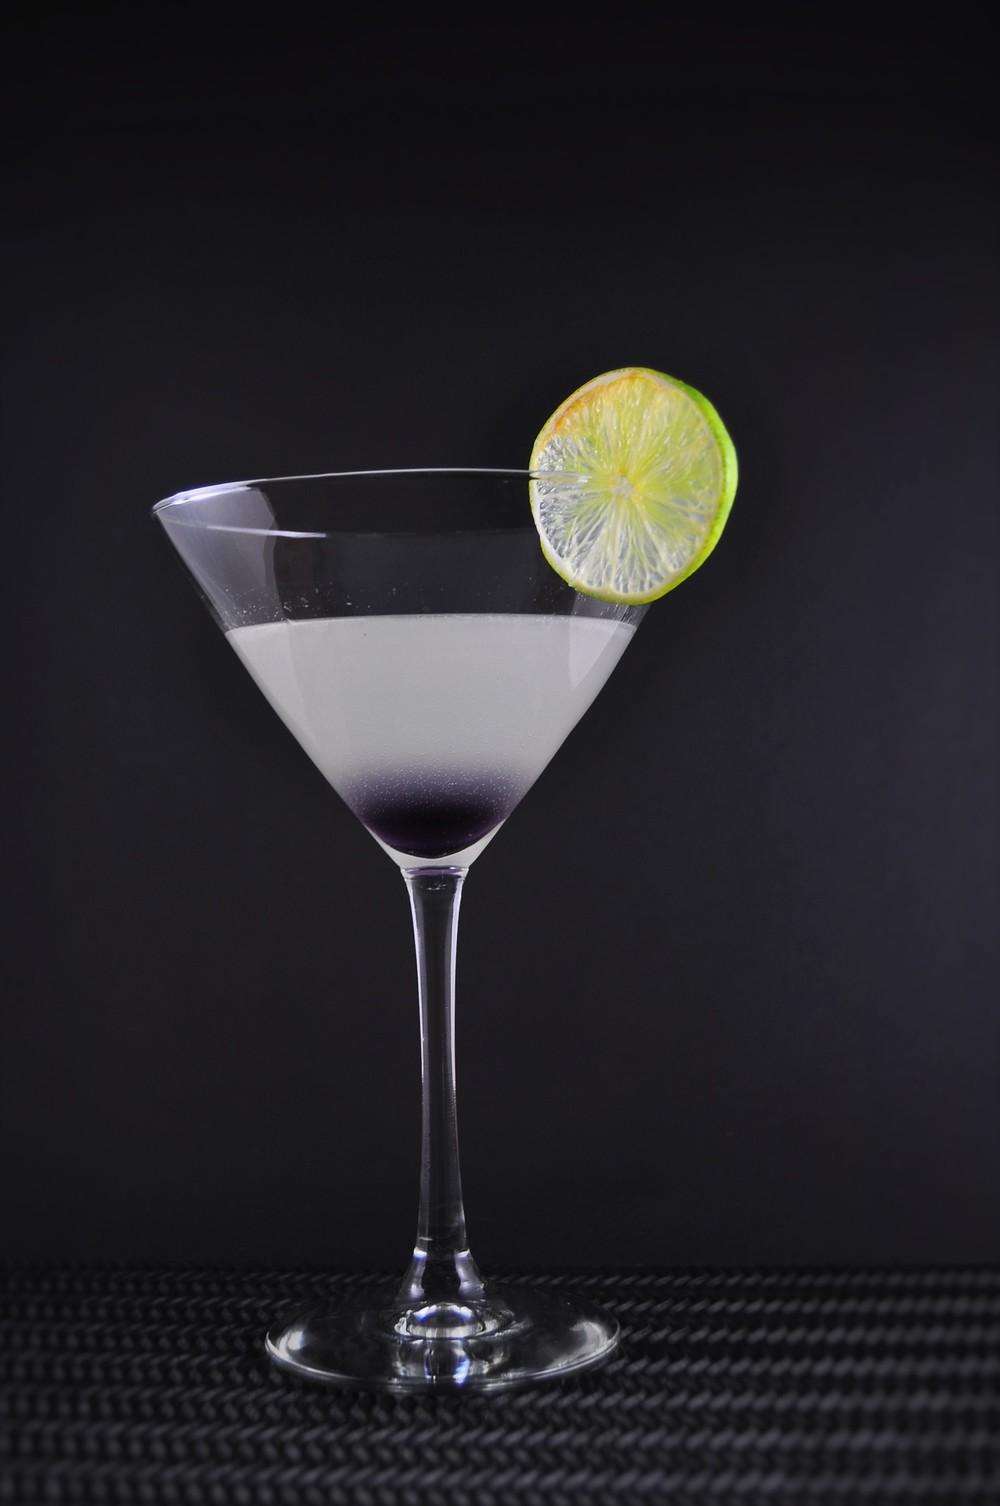 The Aviation Cocktail — Drunken Diplomacy